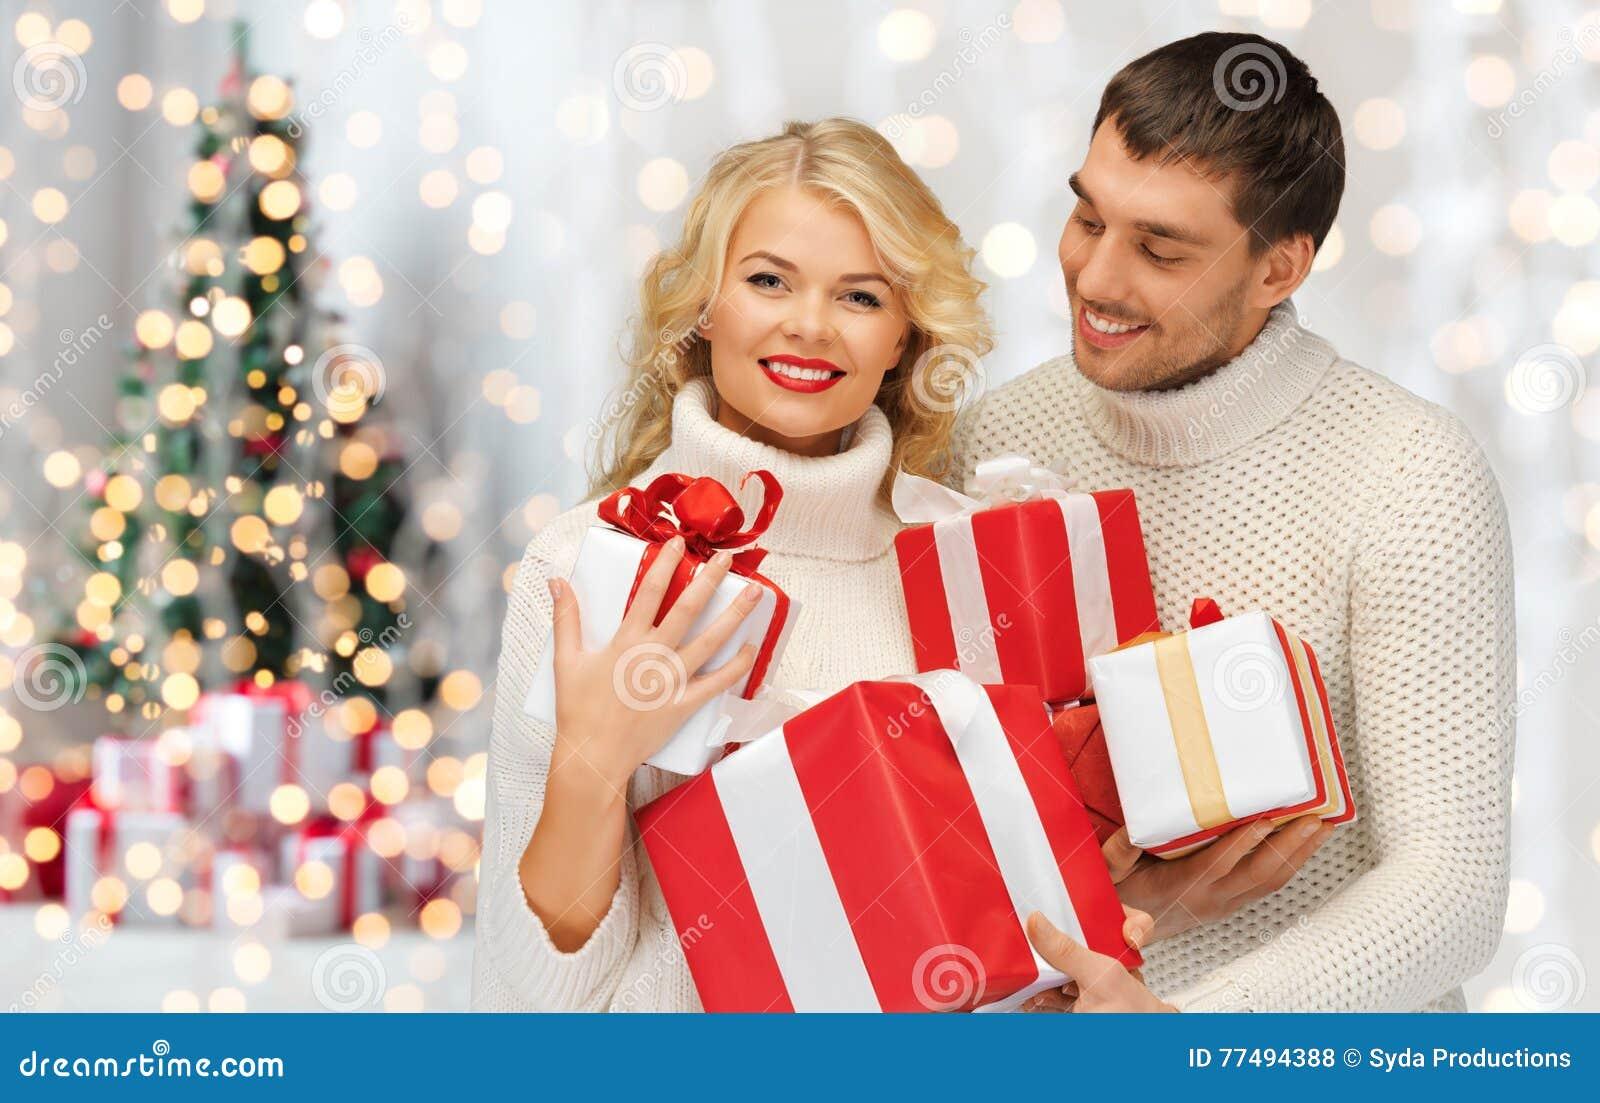 Regali Di Natale Per Coppia.Coppie Felici In Maglioni Che Tengono I Regali Di Natale Fotografia